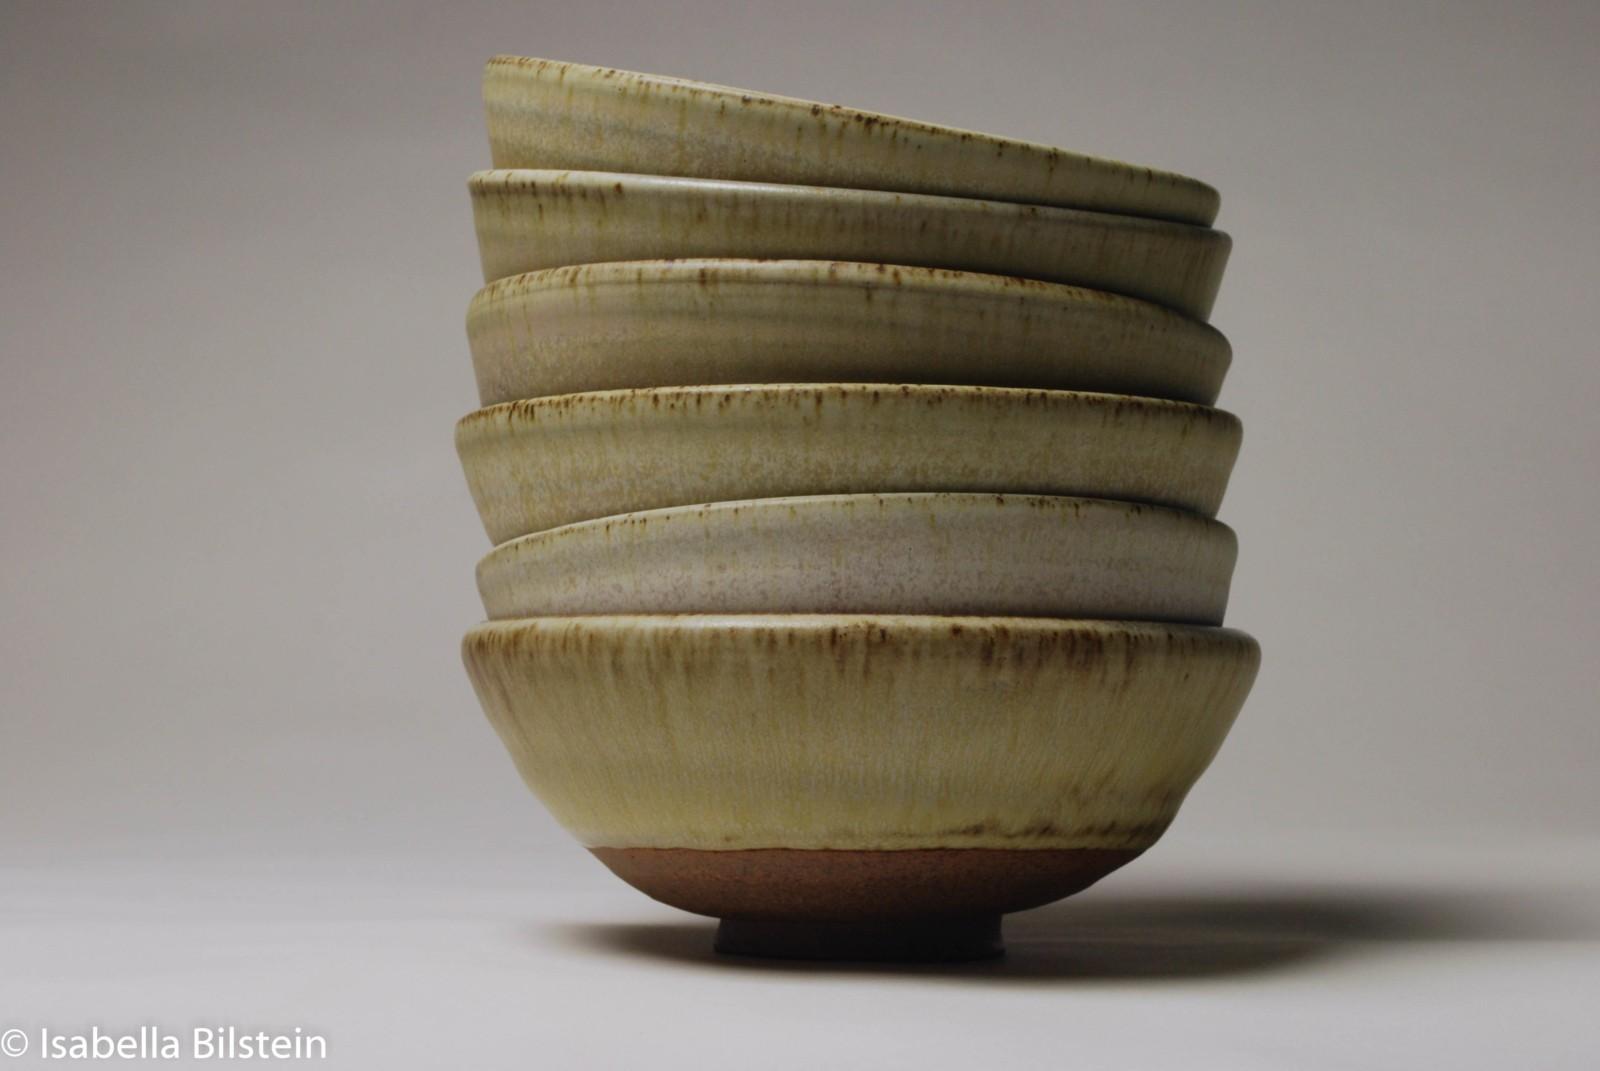 handmade stoneware bowls pottery